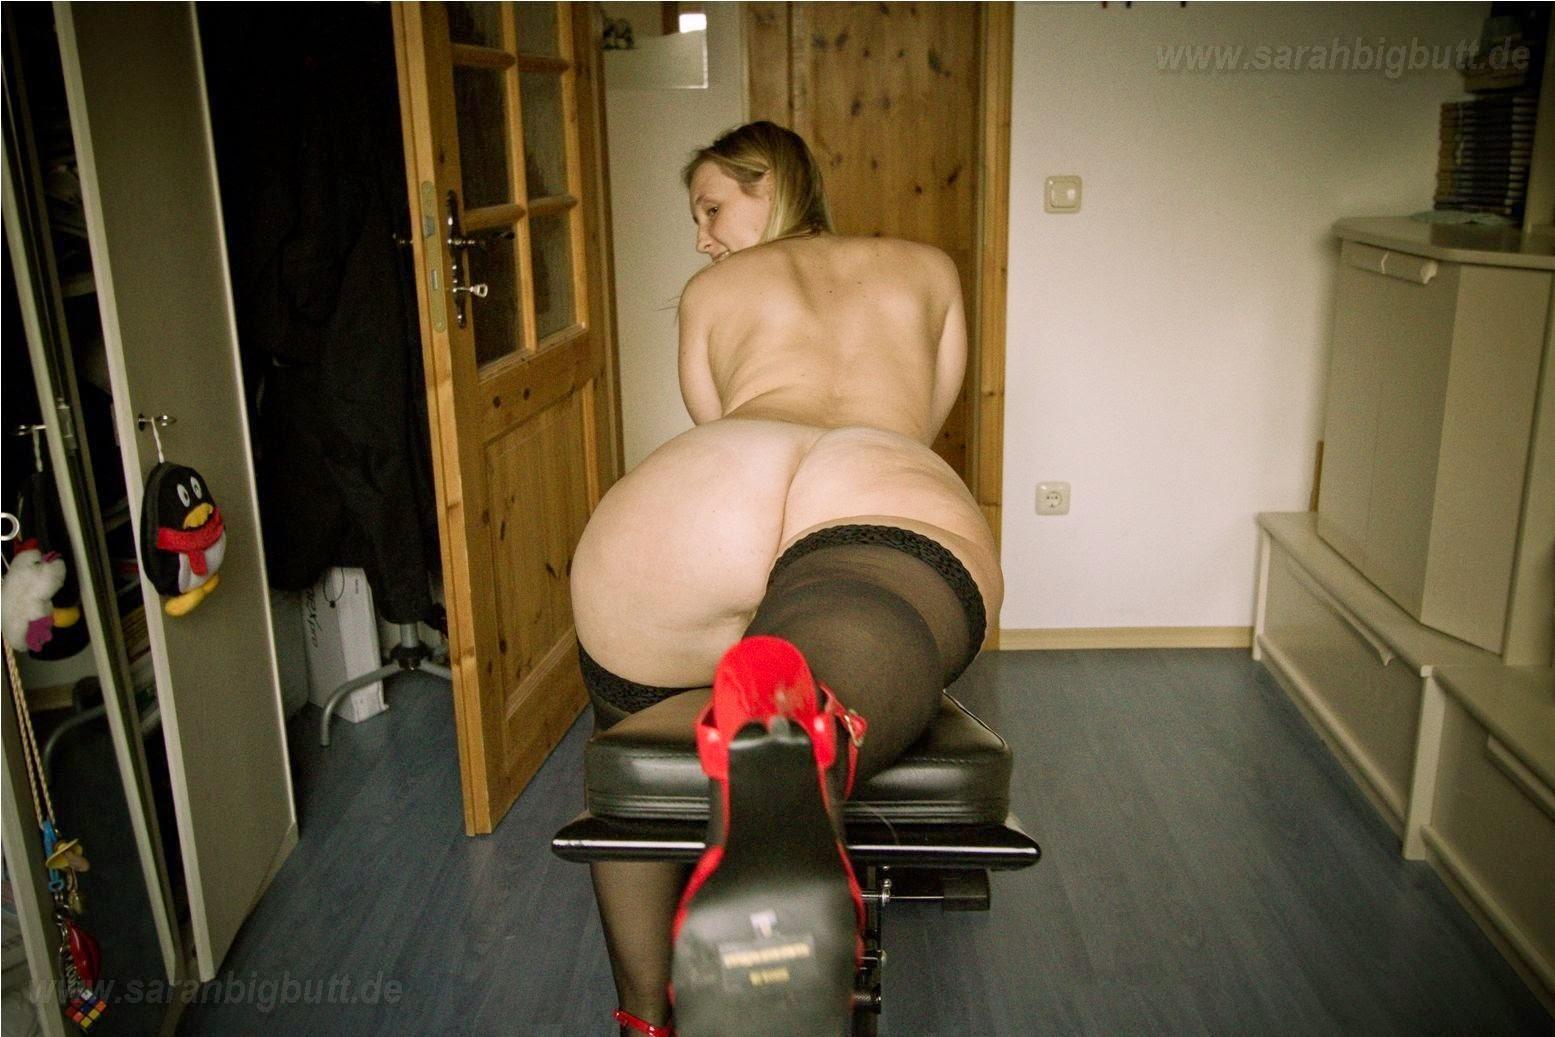 Sarah Big Butt De 42